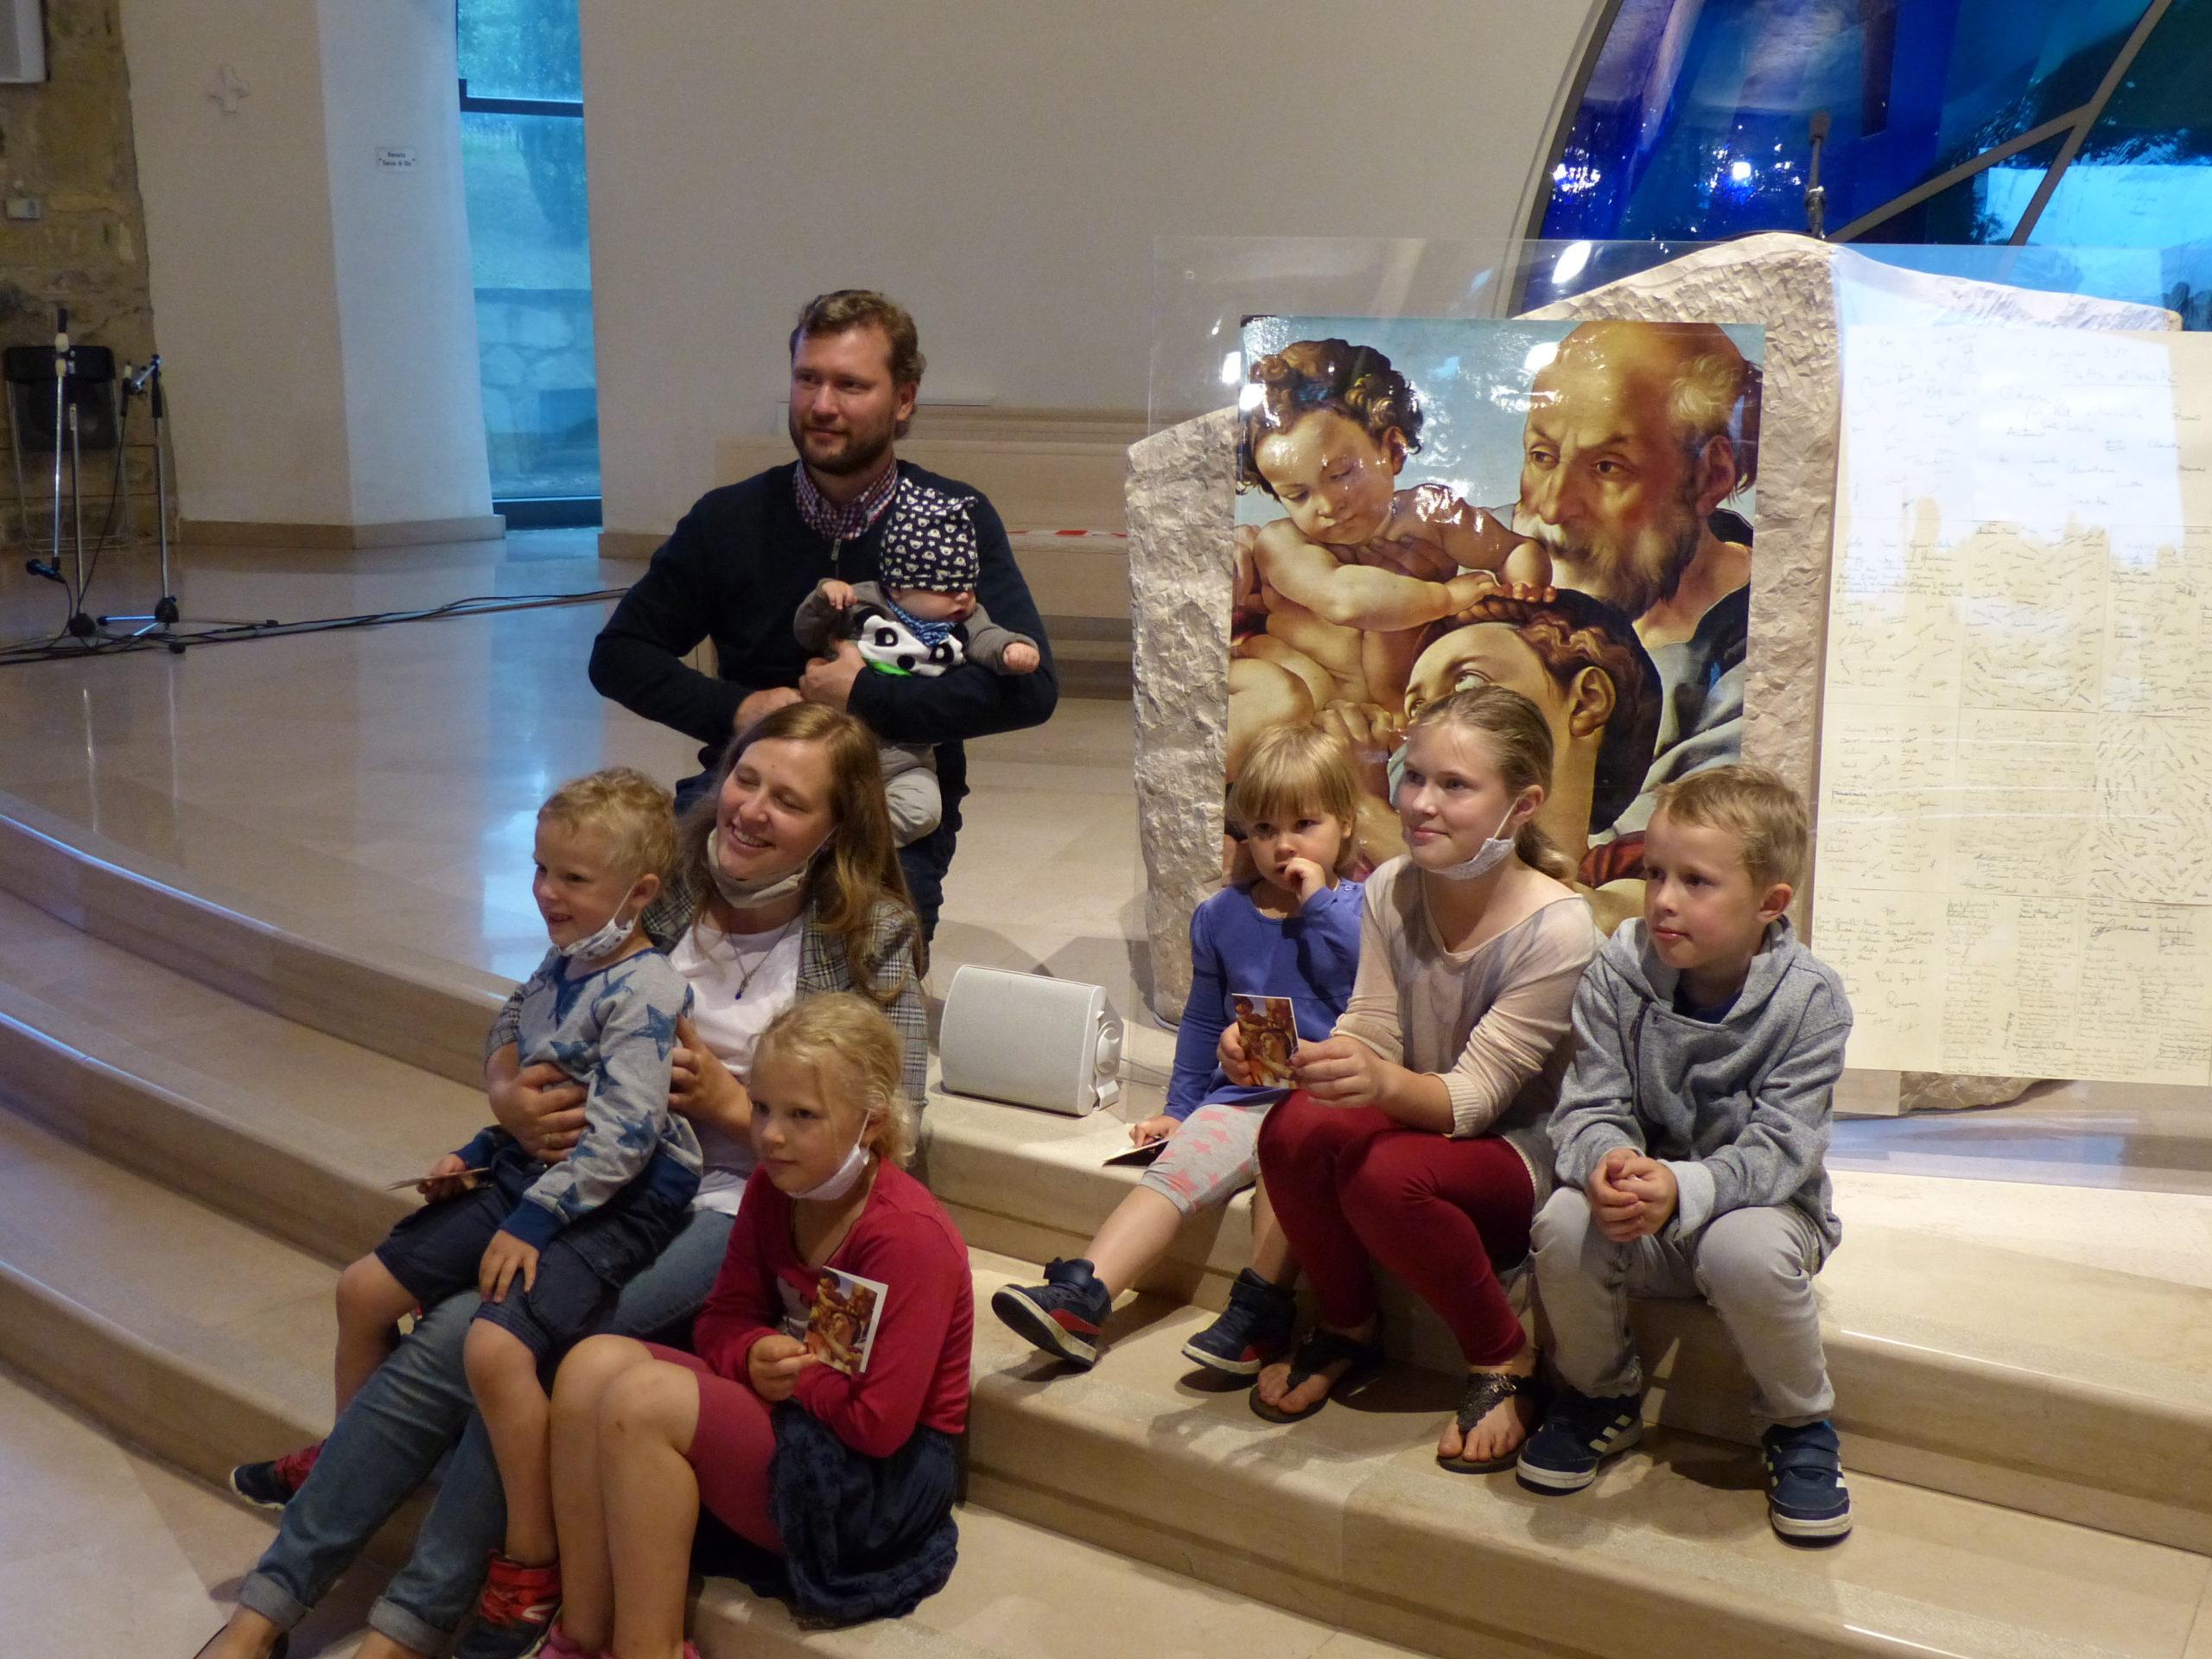 famiglia russa davanti al quadro del patto